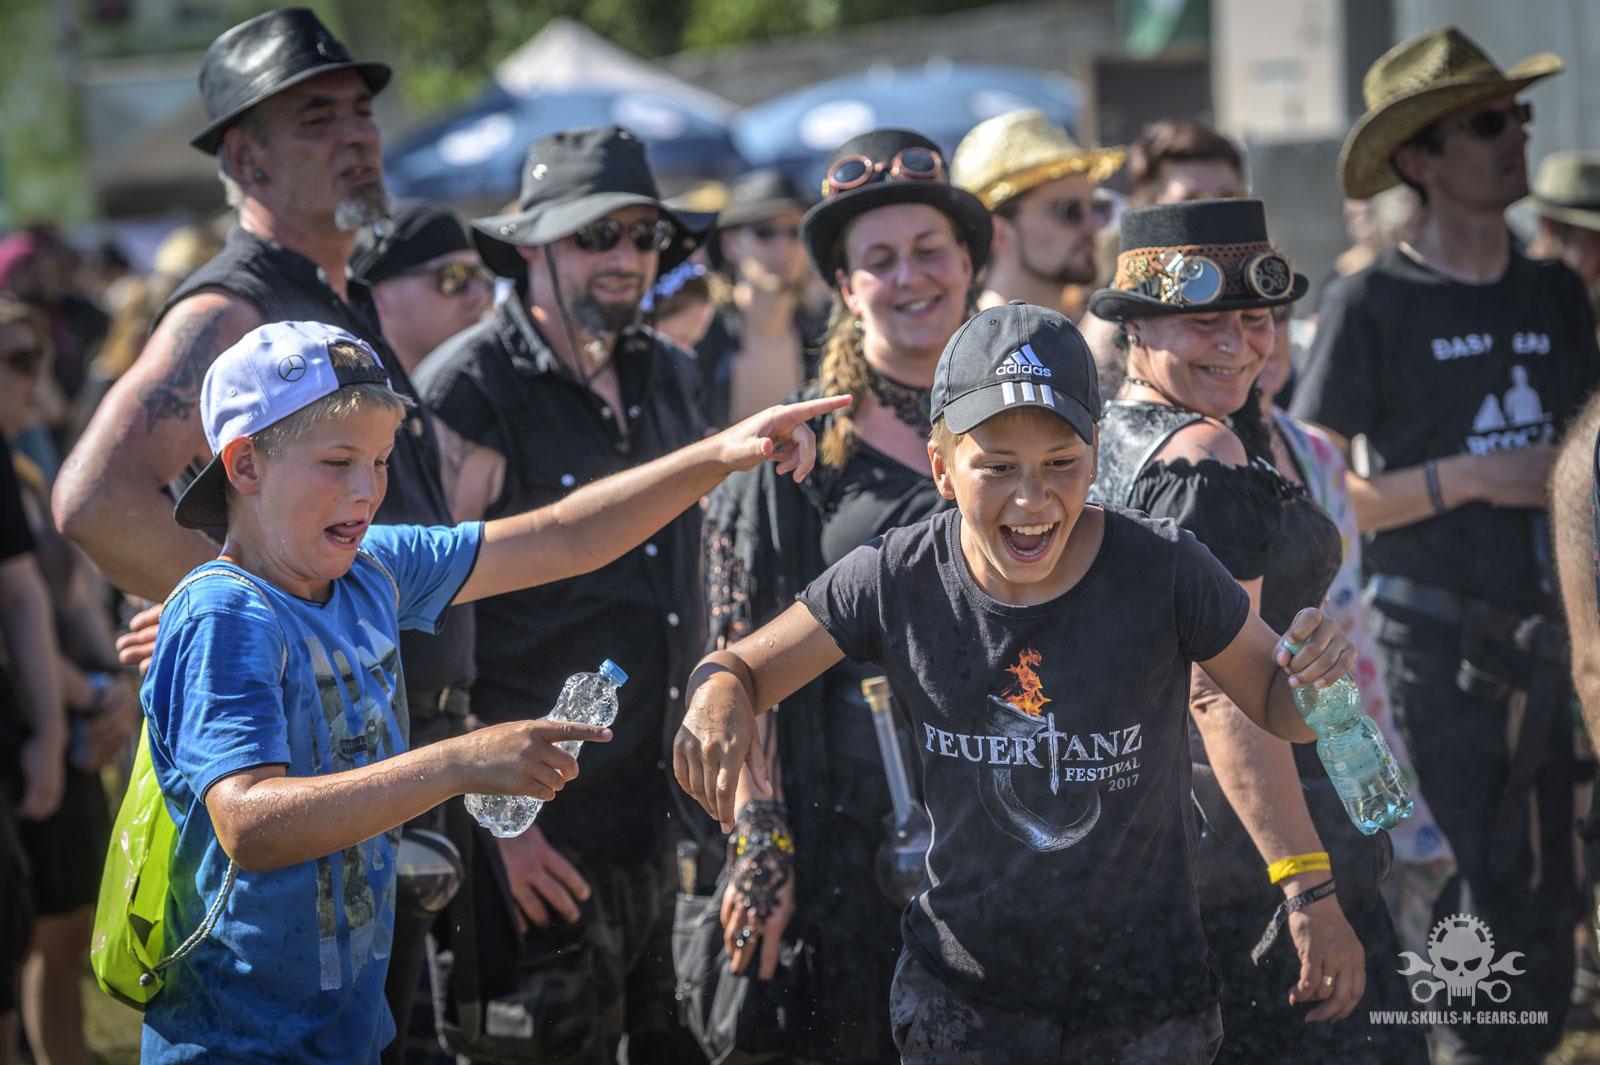 Feuertanz Festival 2019 - Besucher-211